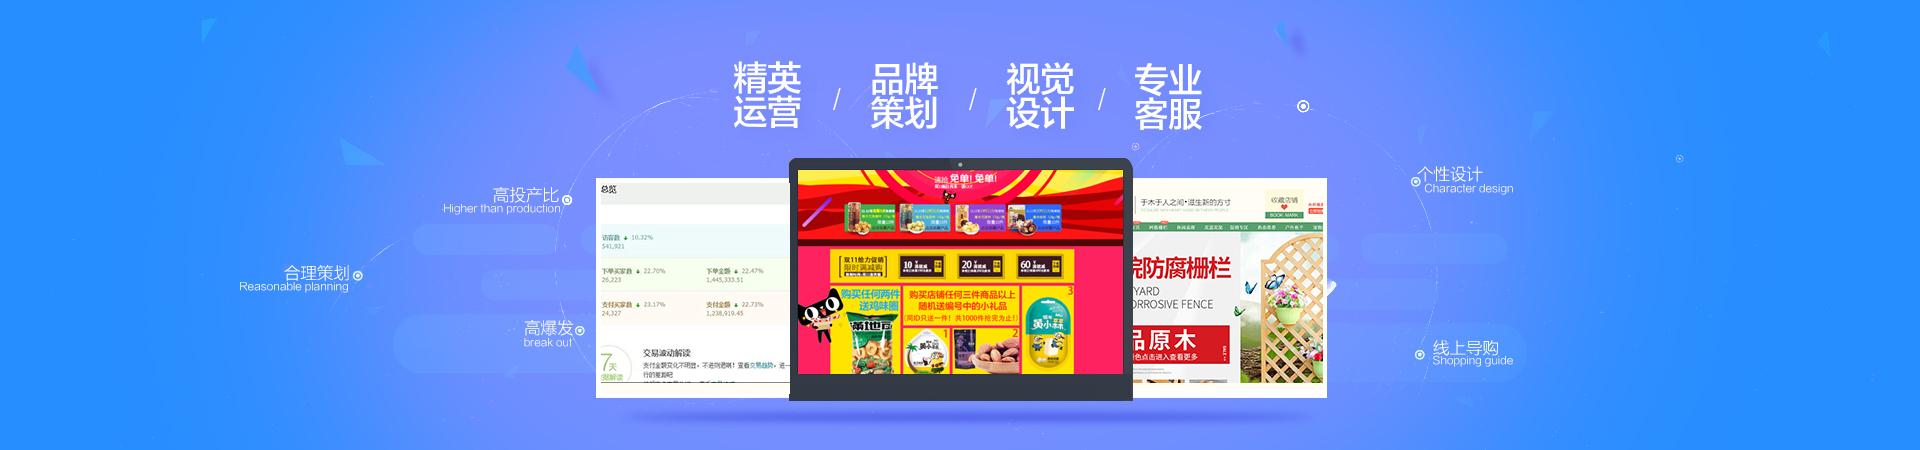 """淘钰官网""""我们的服务""""频道Banner"""